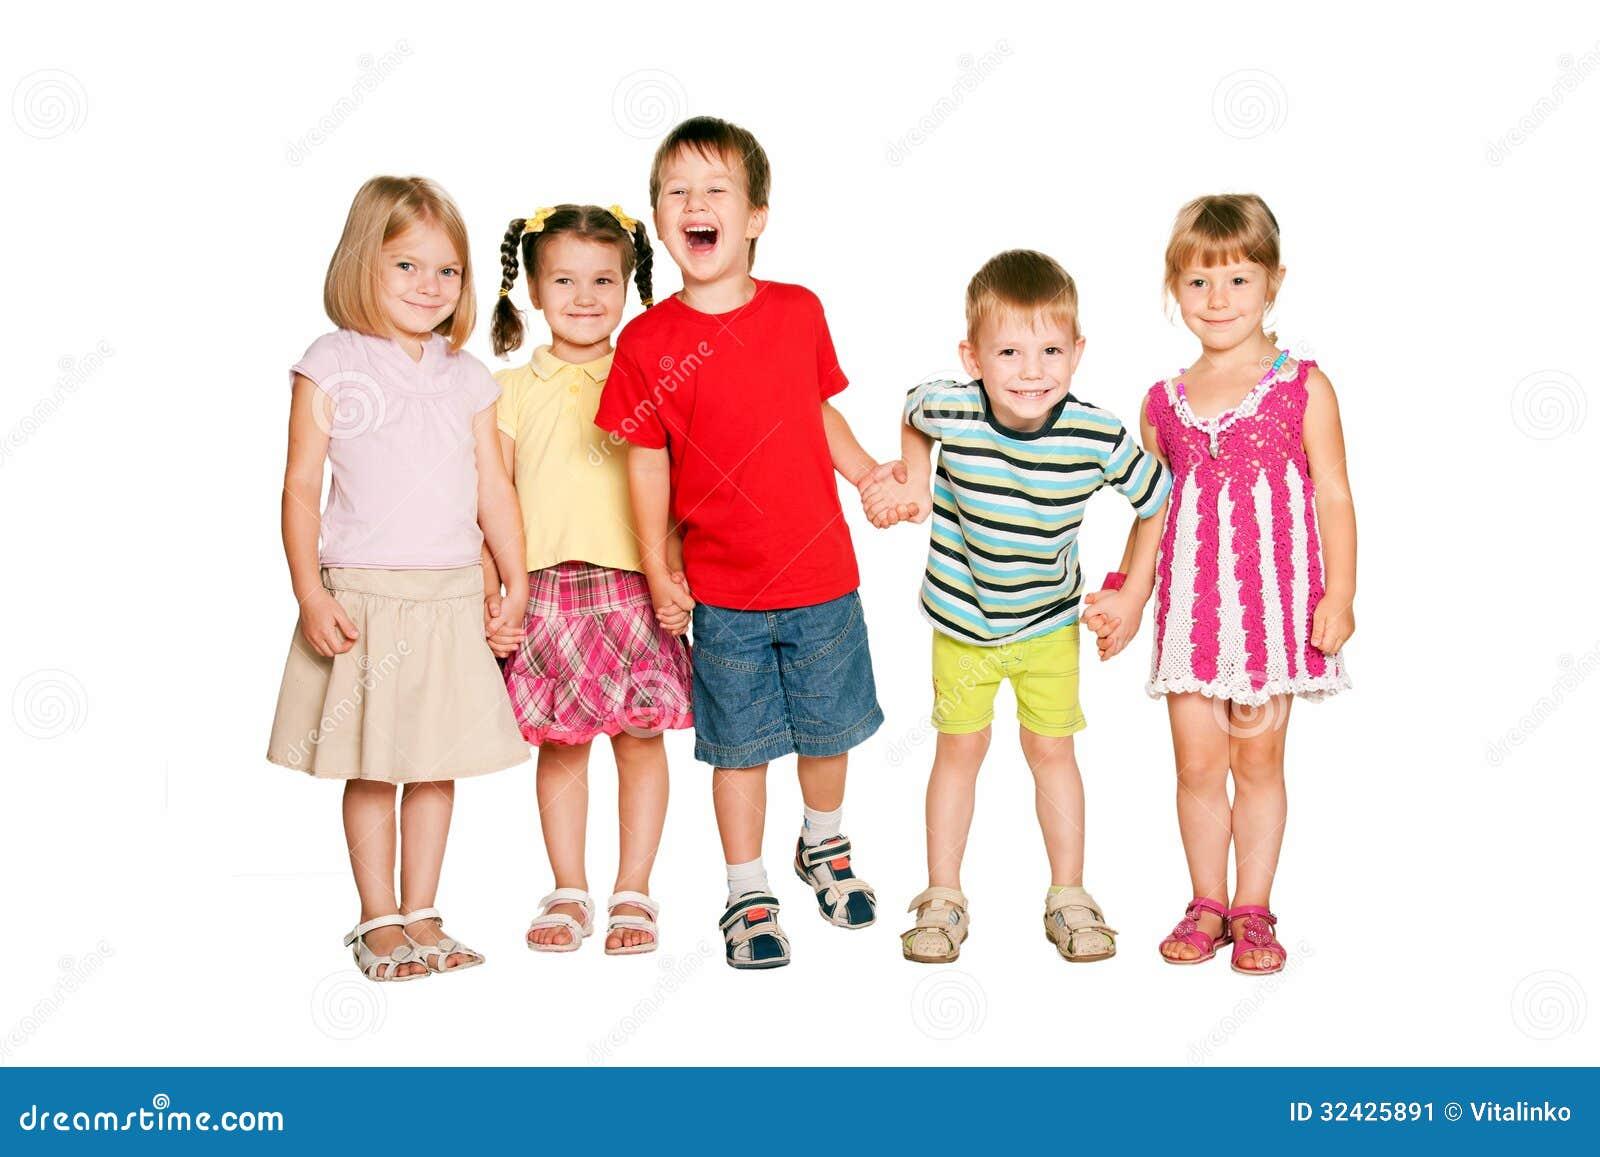 Gruppo di piccoli bambini che si tengono per mano e che - Foto di camerette per bambini ...